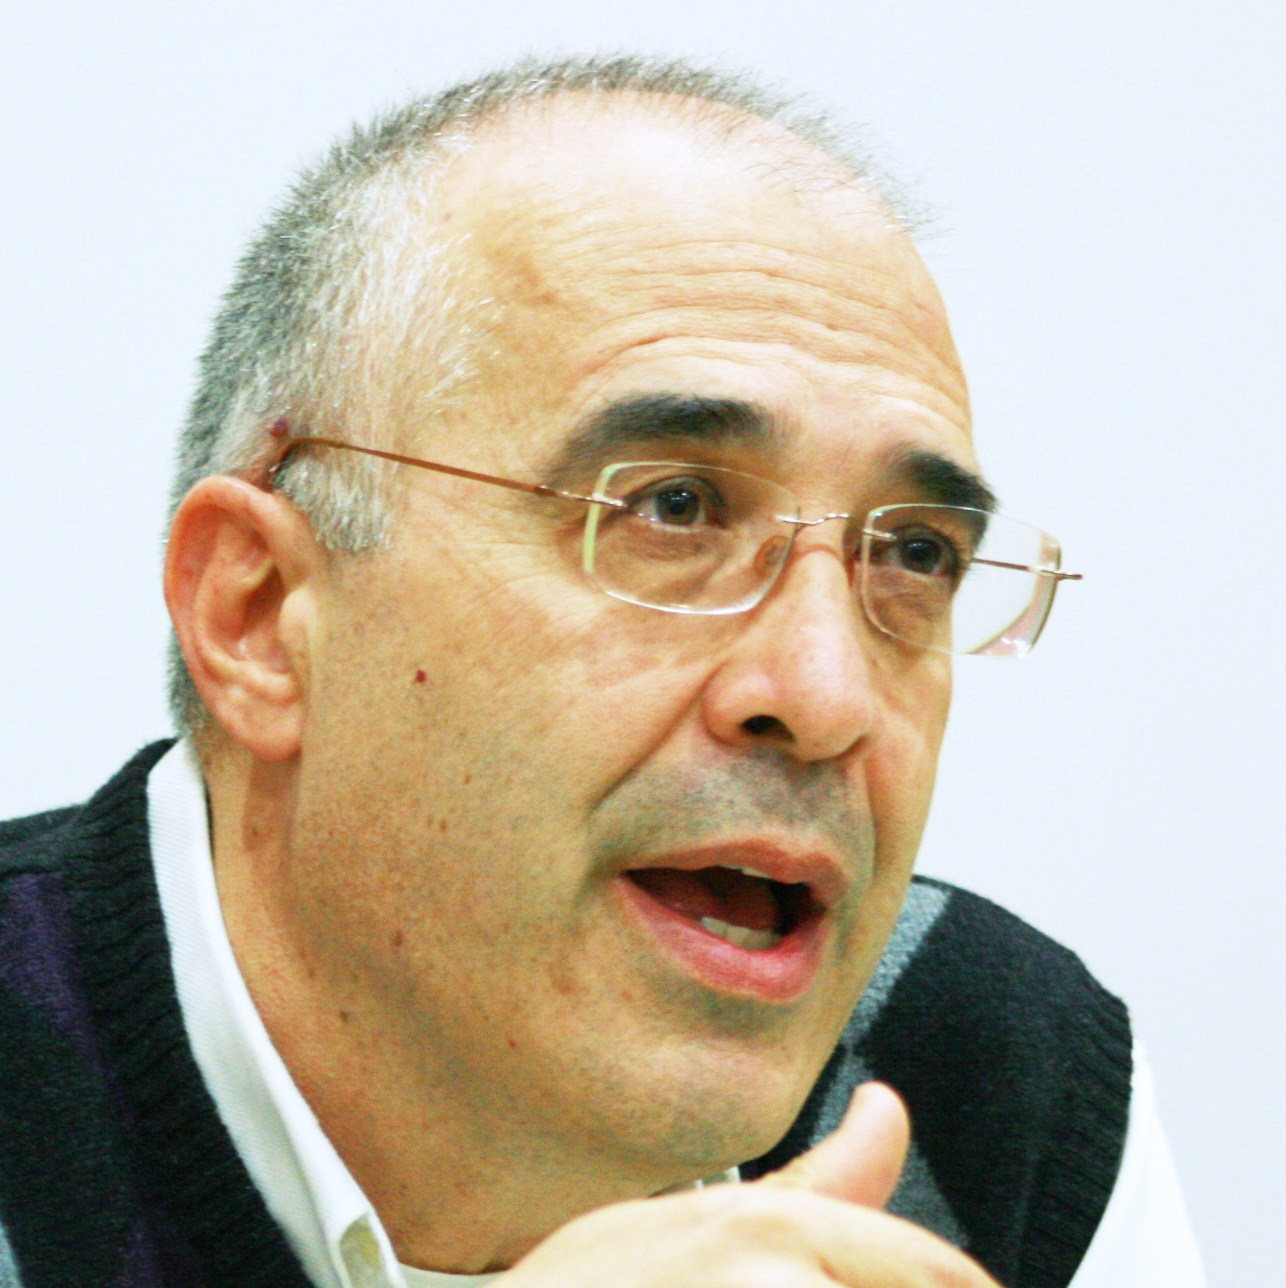 Θ. Σκαμνάκης: Το φανταστικό πραξικόπημα του Βήματος και το αληθινό της τρόικας